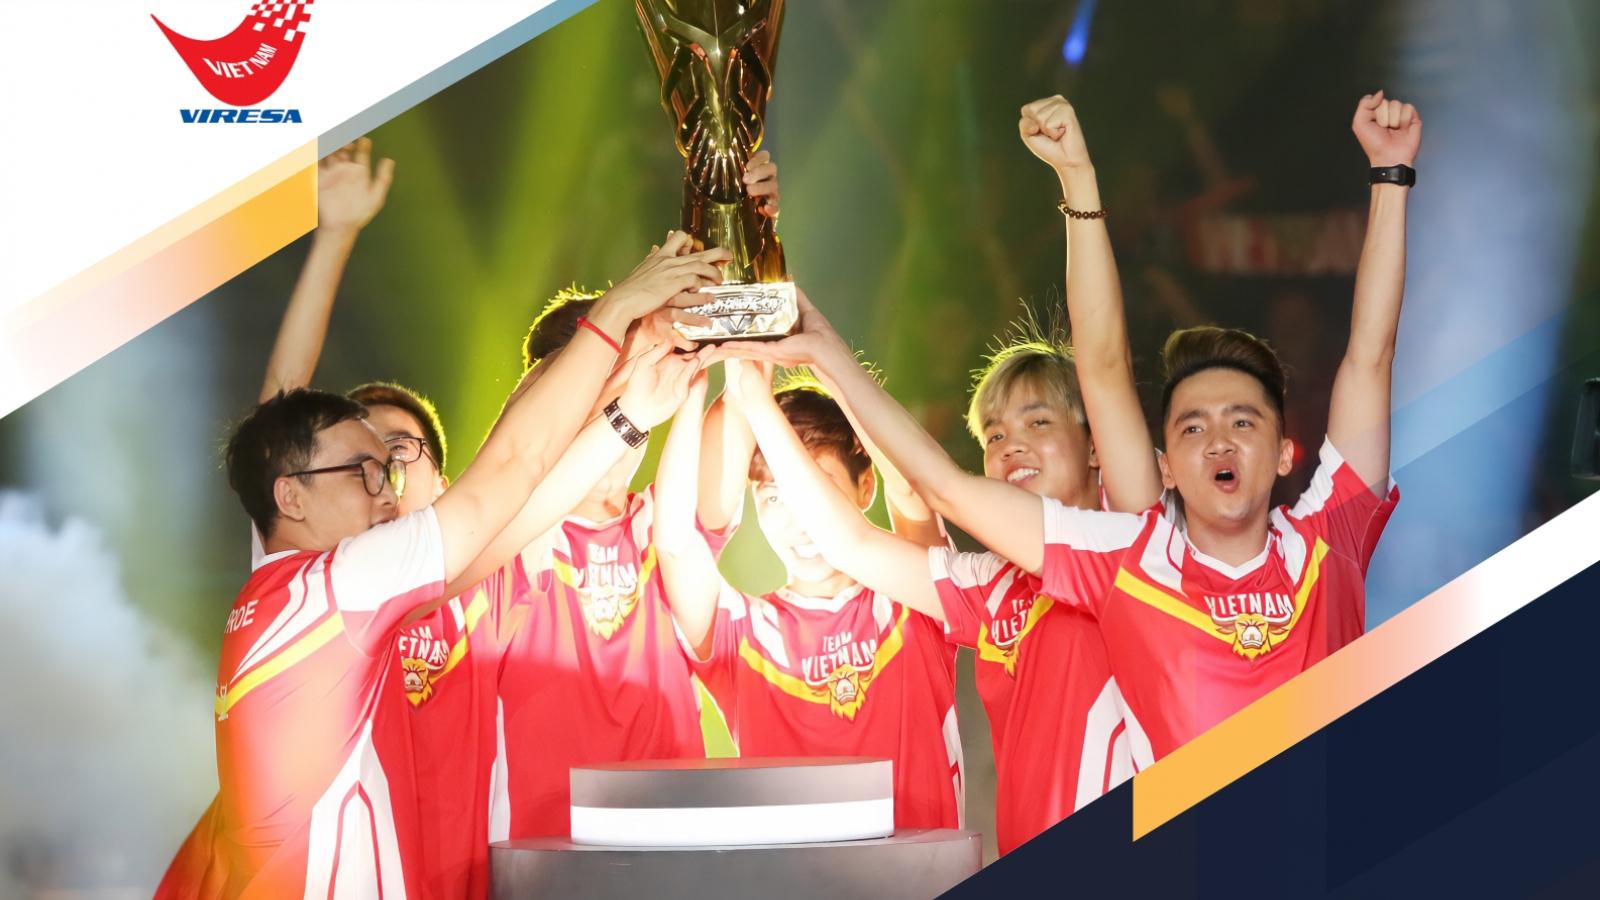 Chính thức phát hành Sách trắng Thể thao điện tử Việt Nam 2021